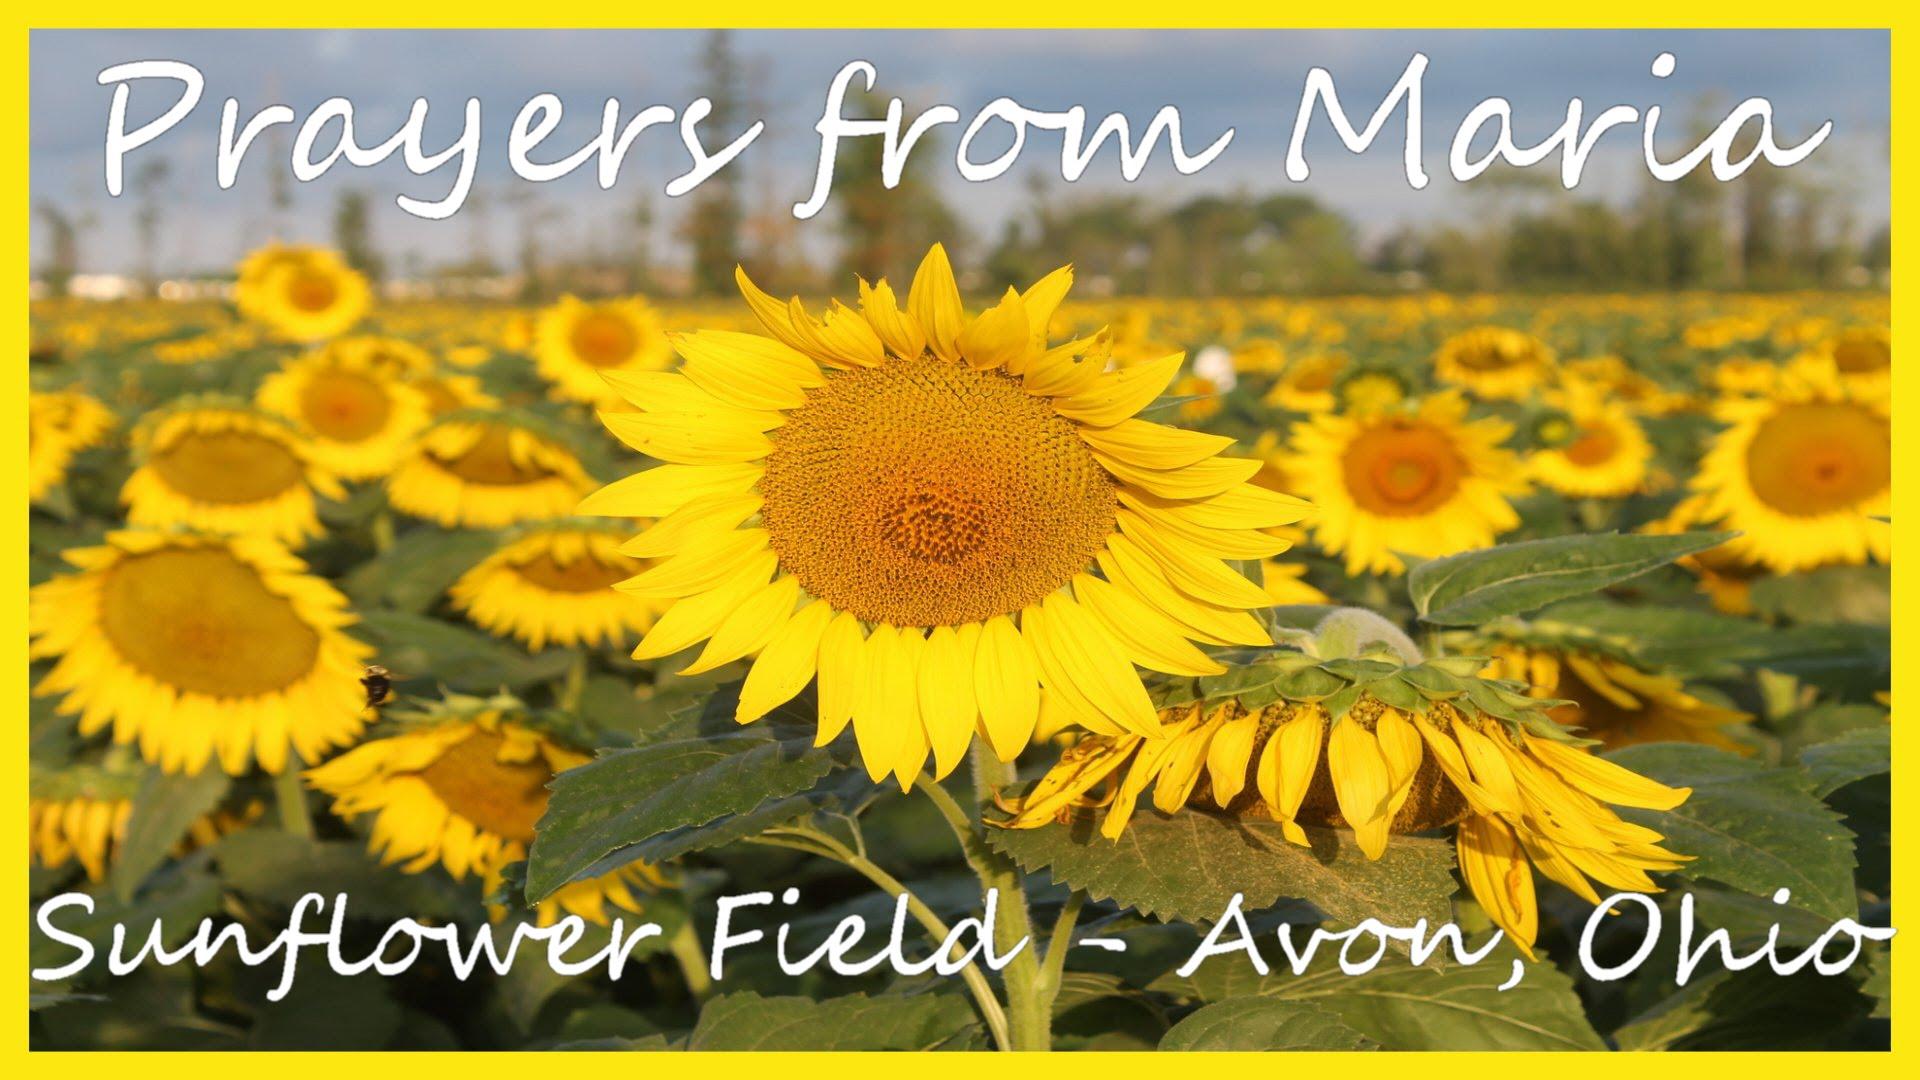 Prayers from Maria - Sunflower Field in Avon, Ohio - Childrens ...